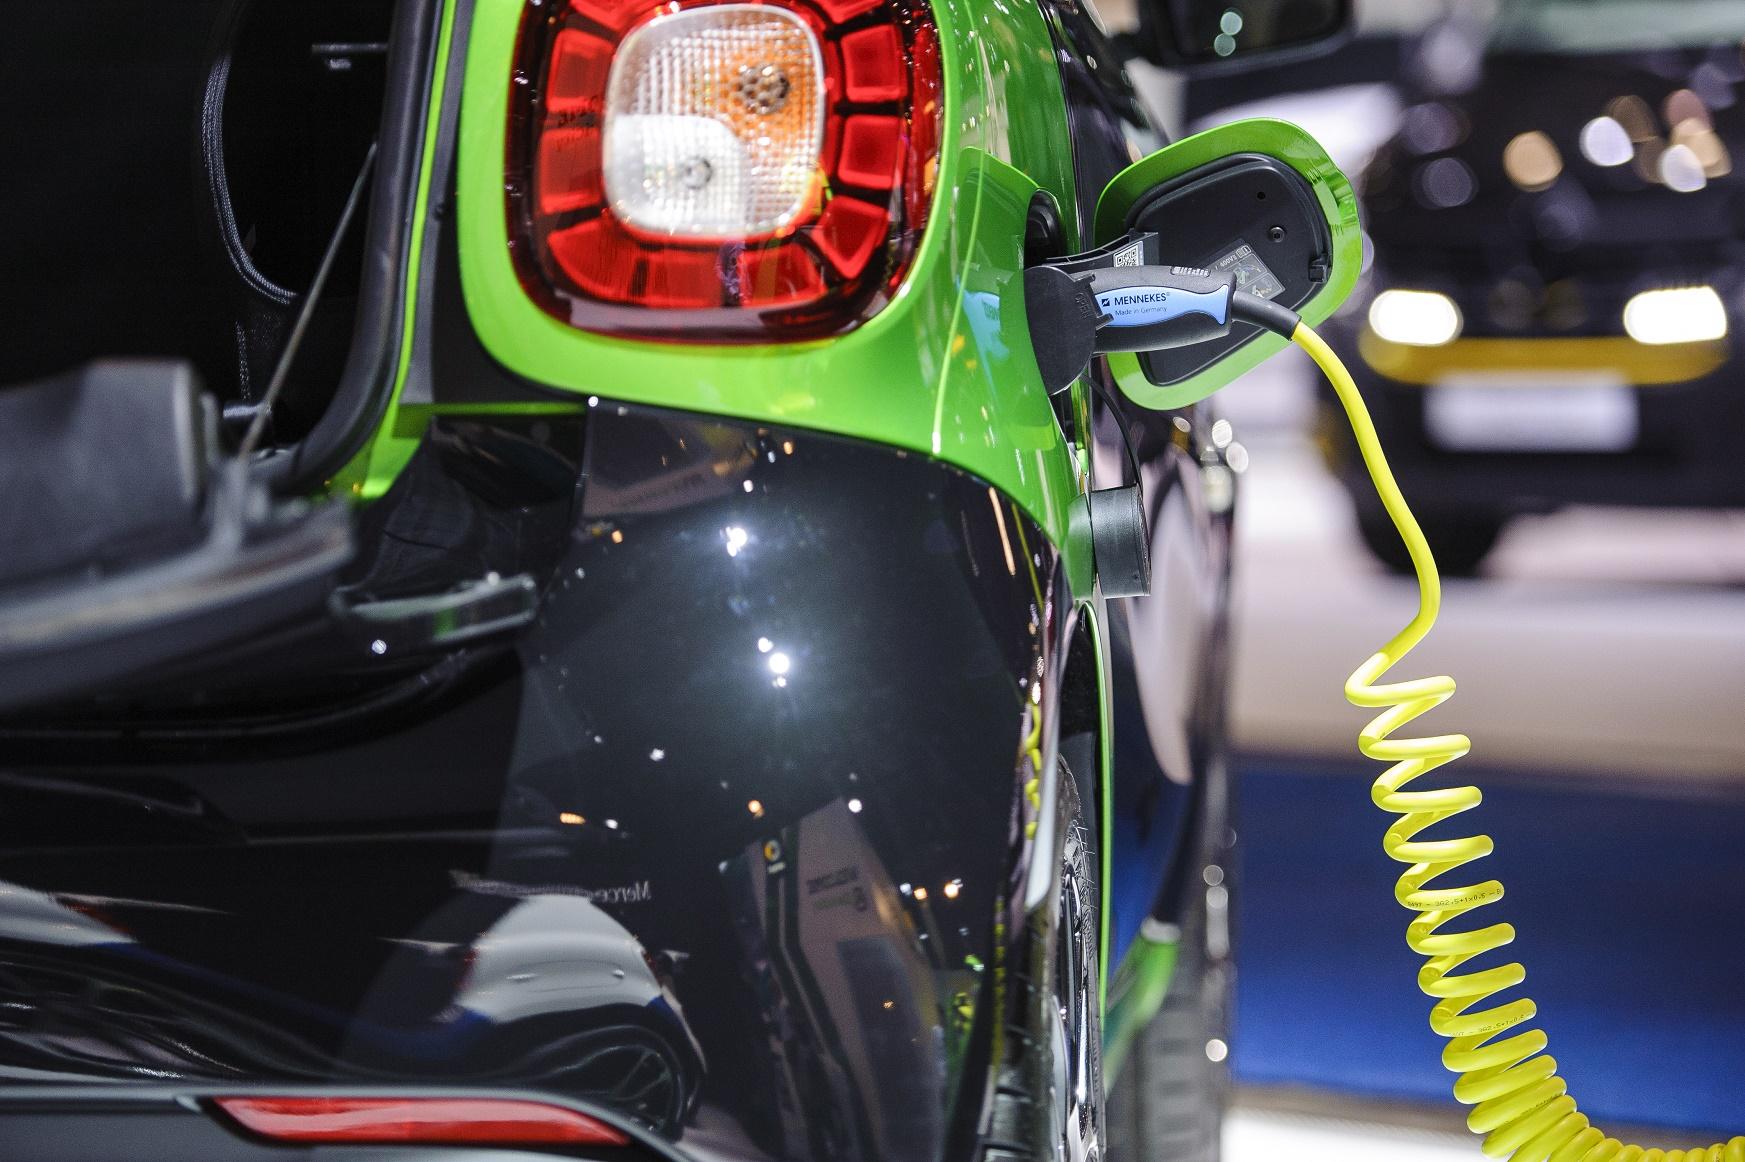 Em Portugal já existem cerca de 1.600 postos de abastecimento de carros elétricos. Foto Nicolas Lambert